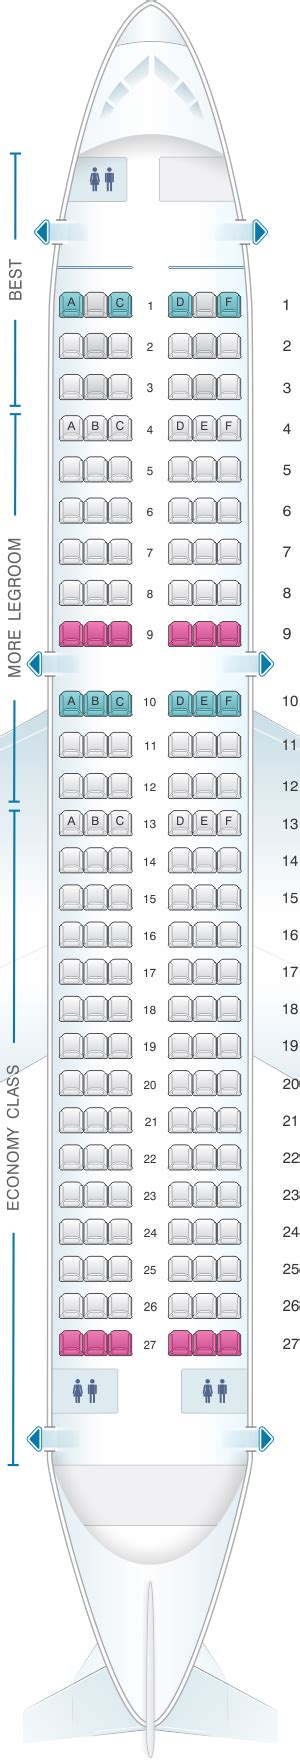 plan des sieges airbus a320 plan de cabine eurowings airbus a320 seatmaestro fr